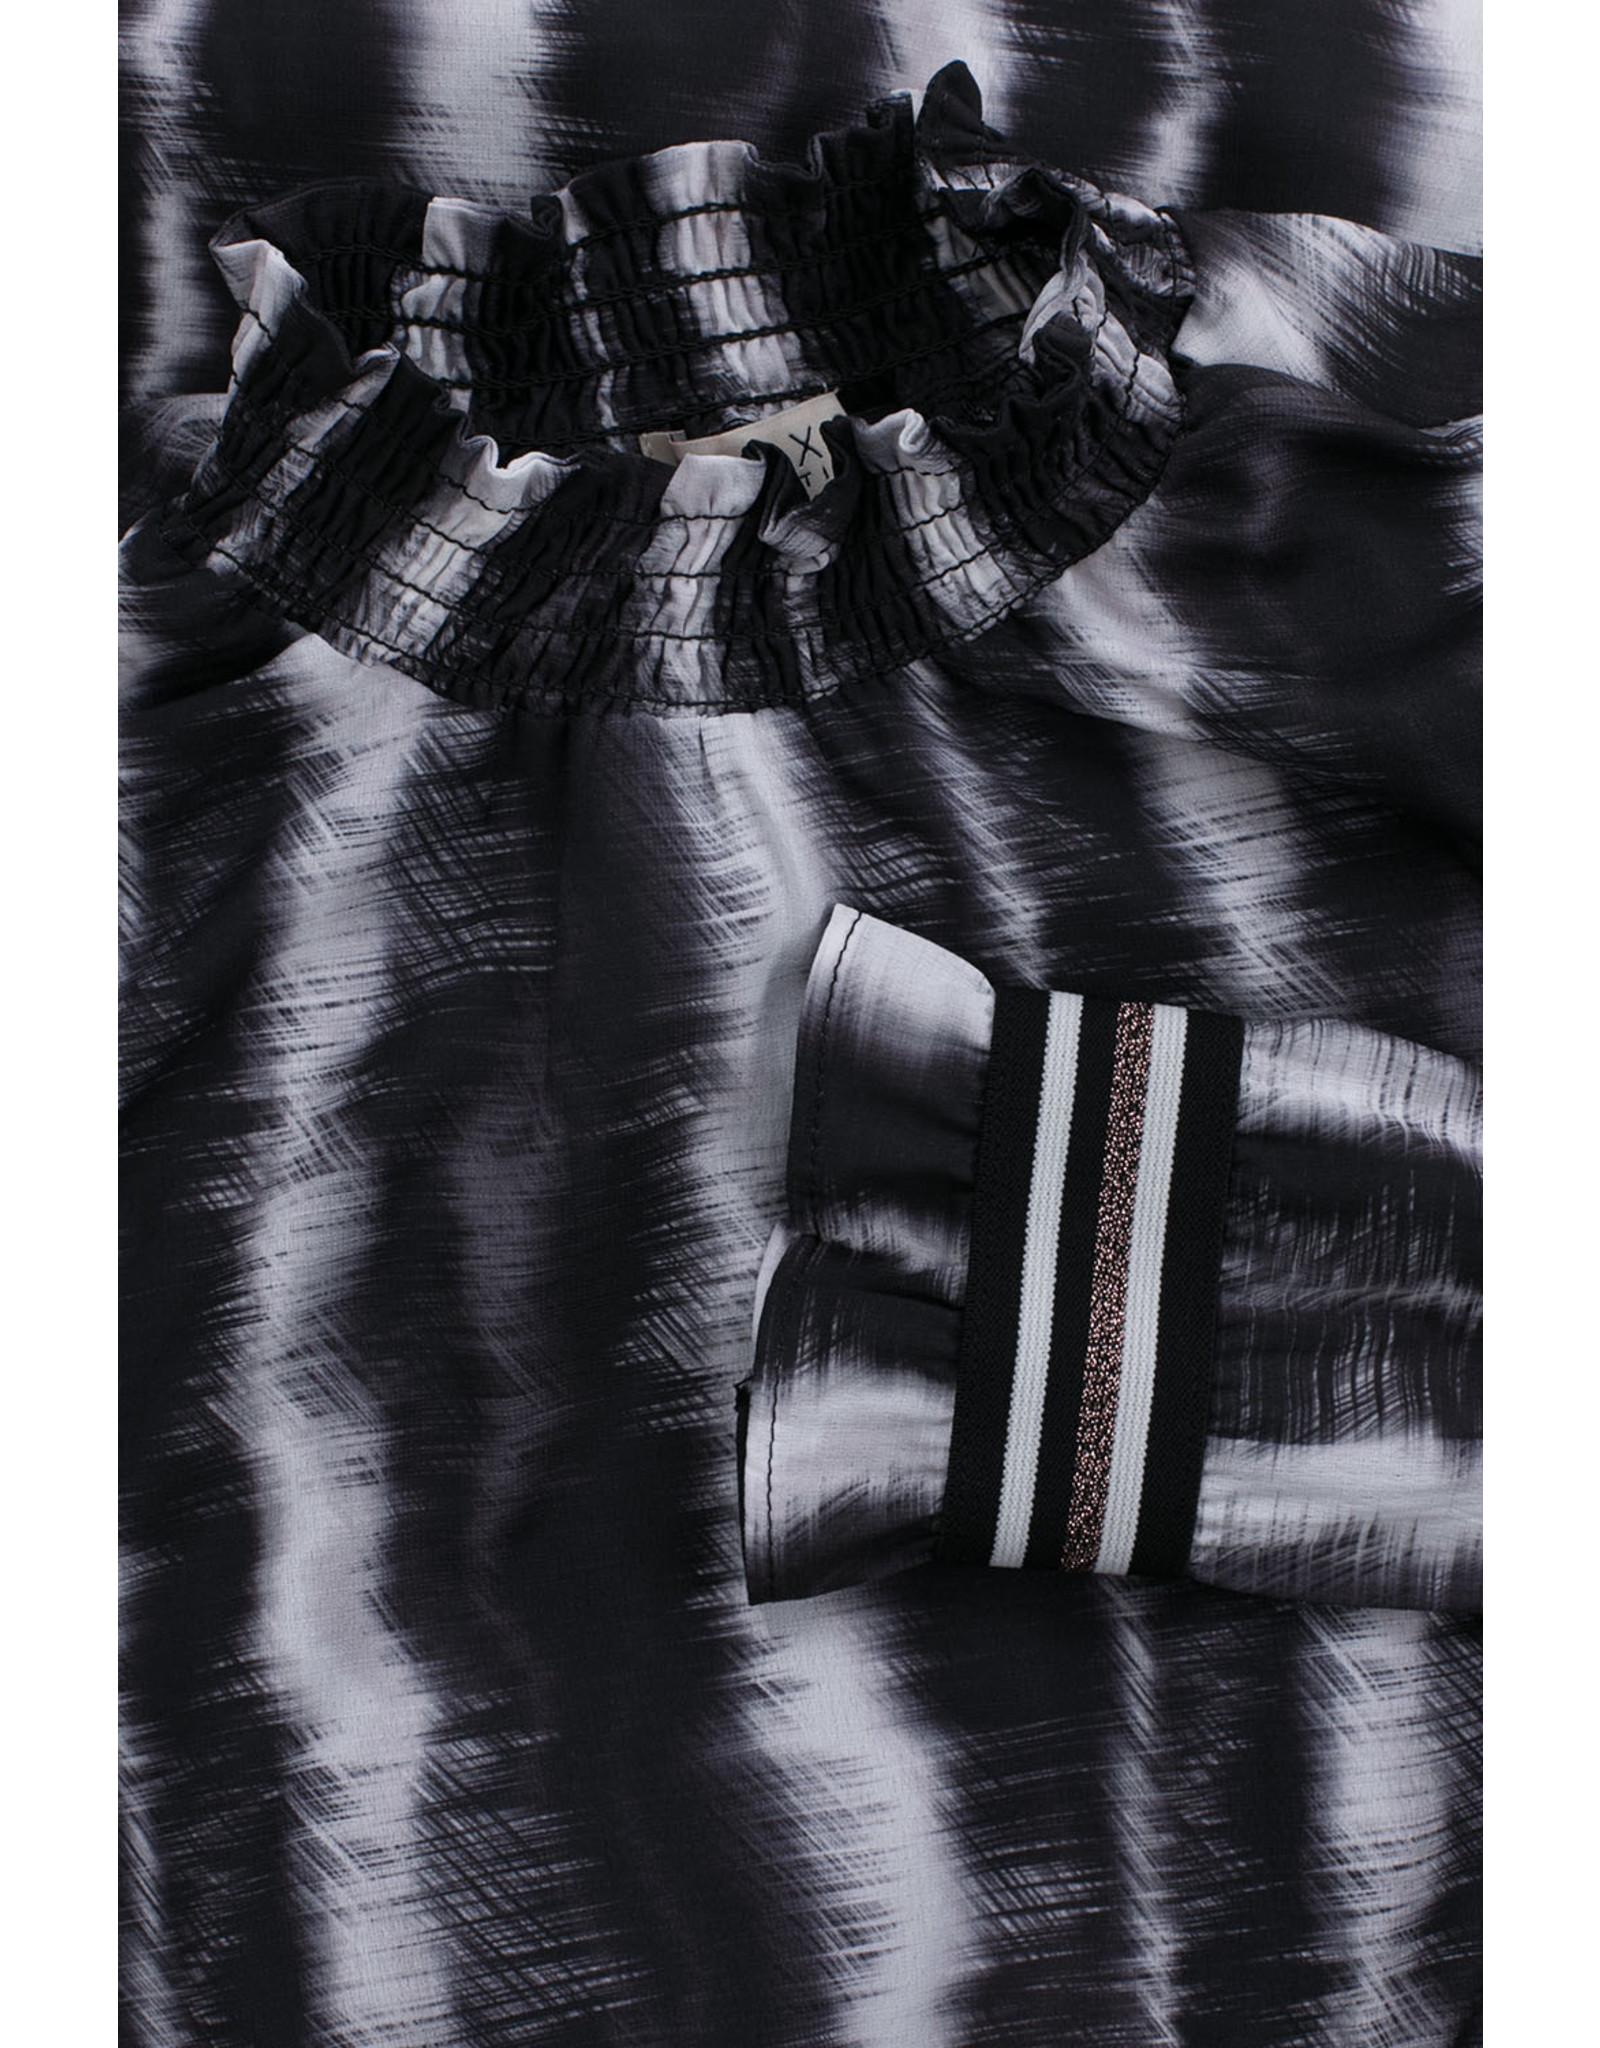 LOOXS 10sixteen 10Sixteen chiffon dress, Art AO